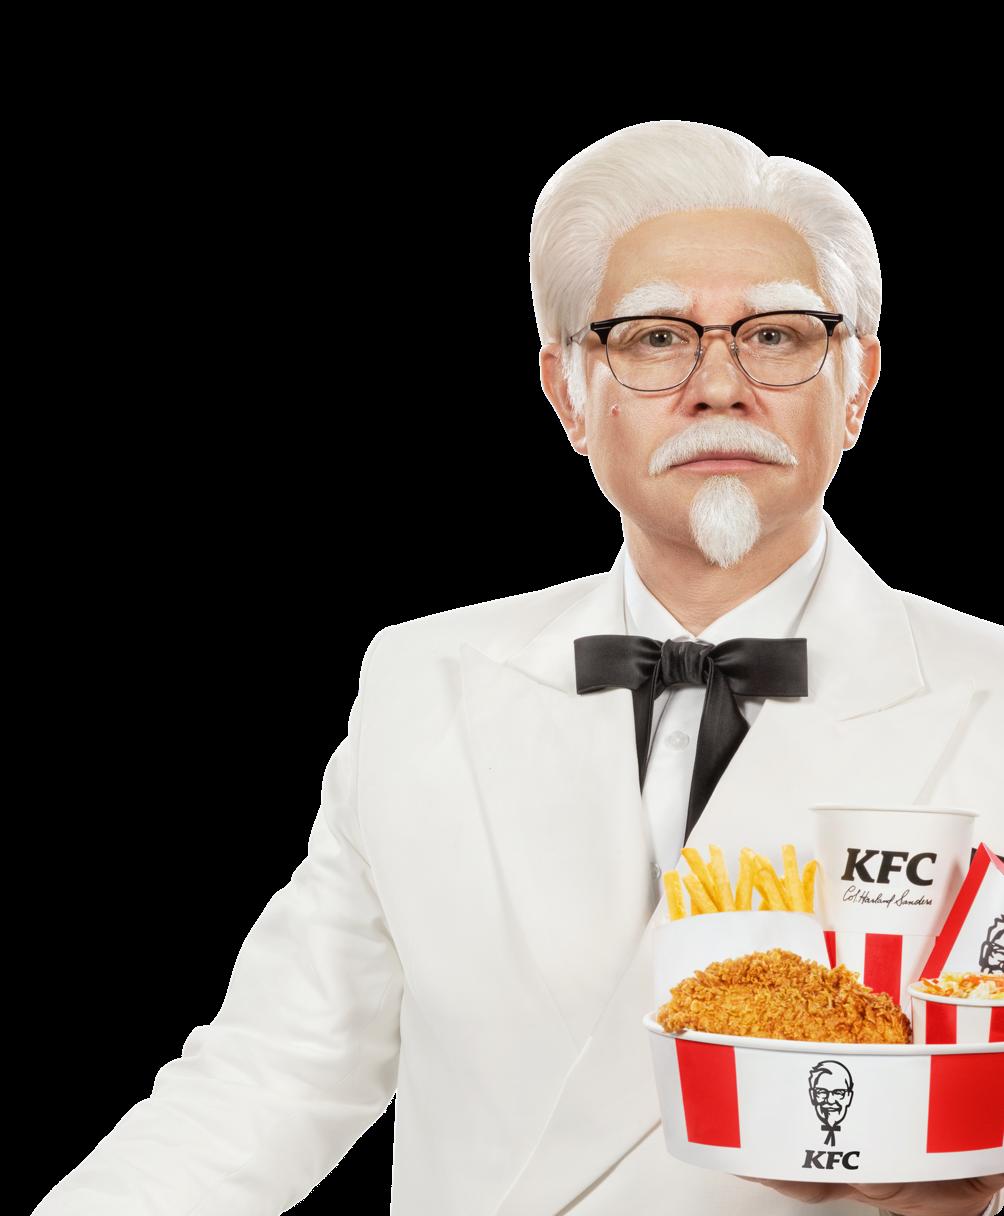 Хочешь открыть свой ресторан KFC?